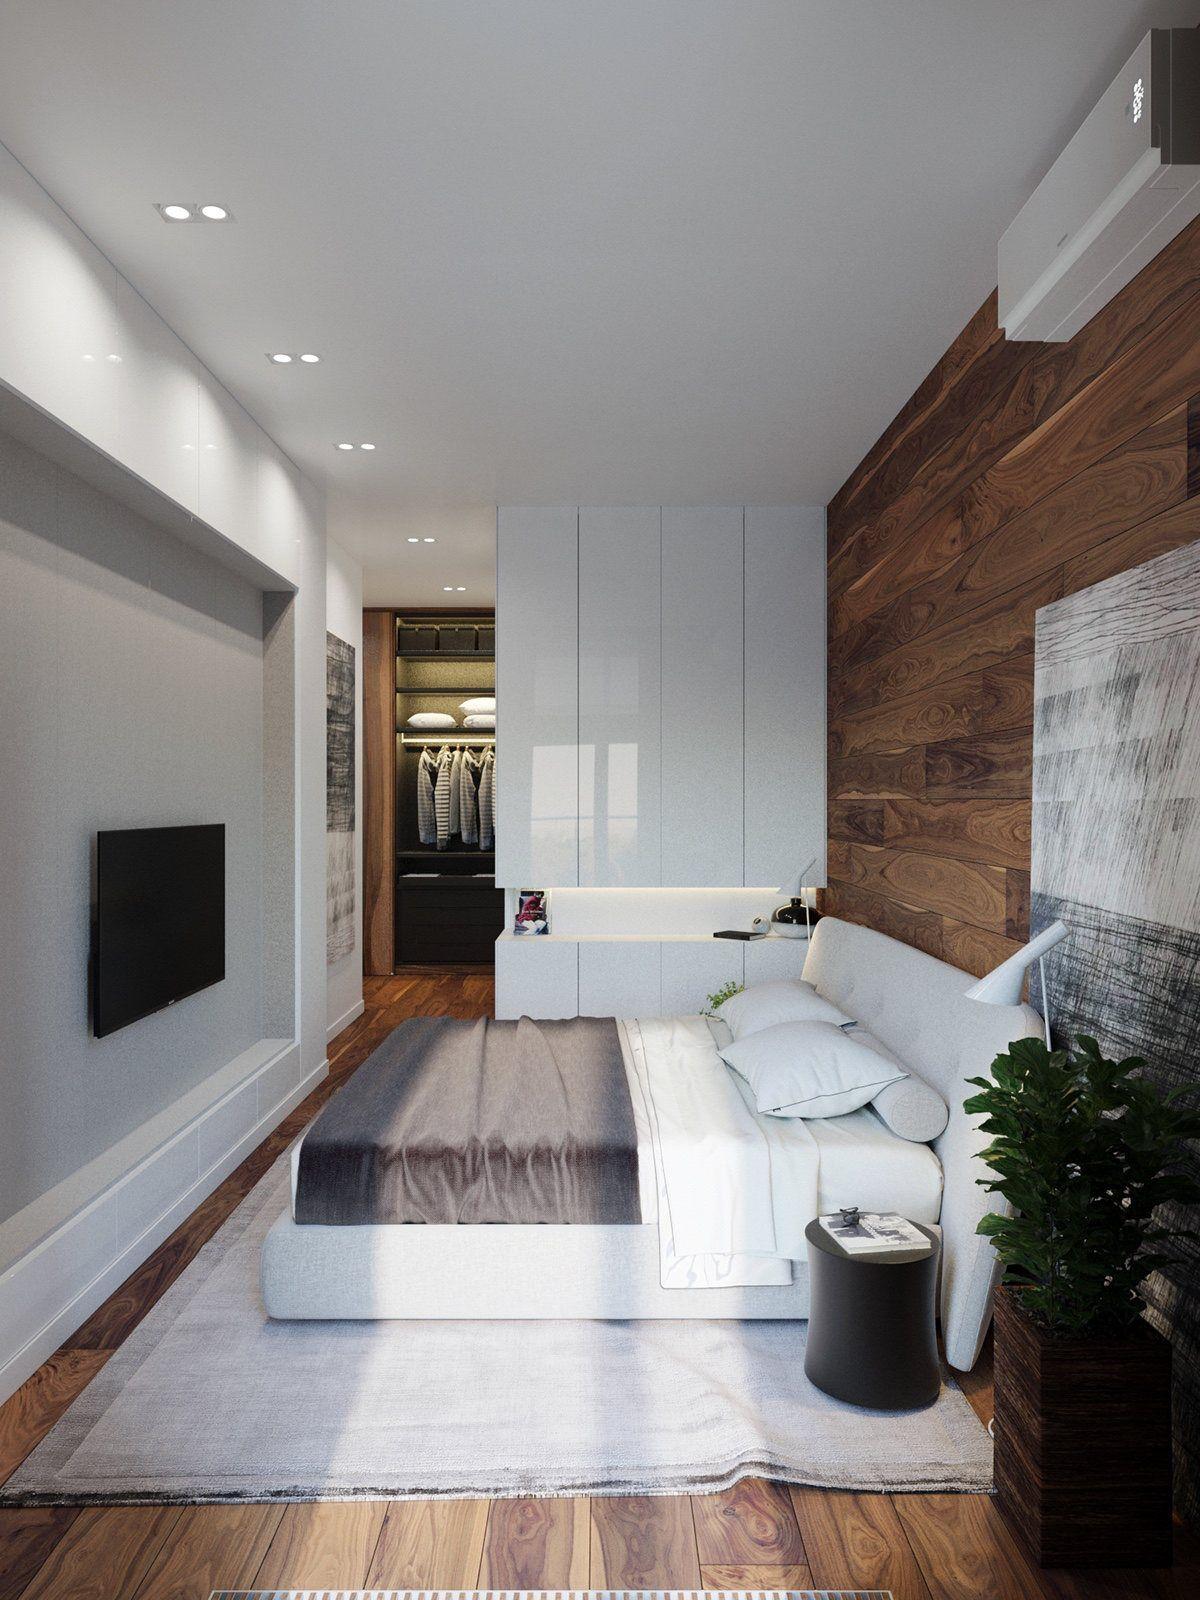 Rustic Studio Apartment Design